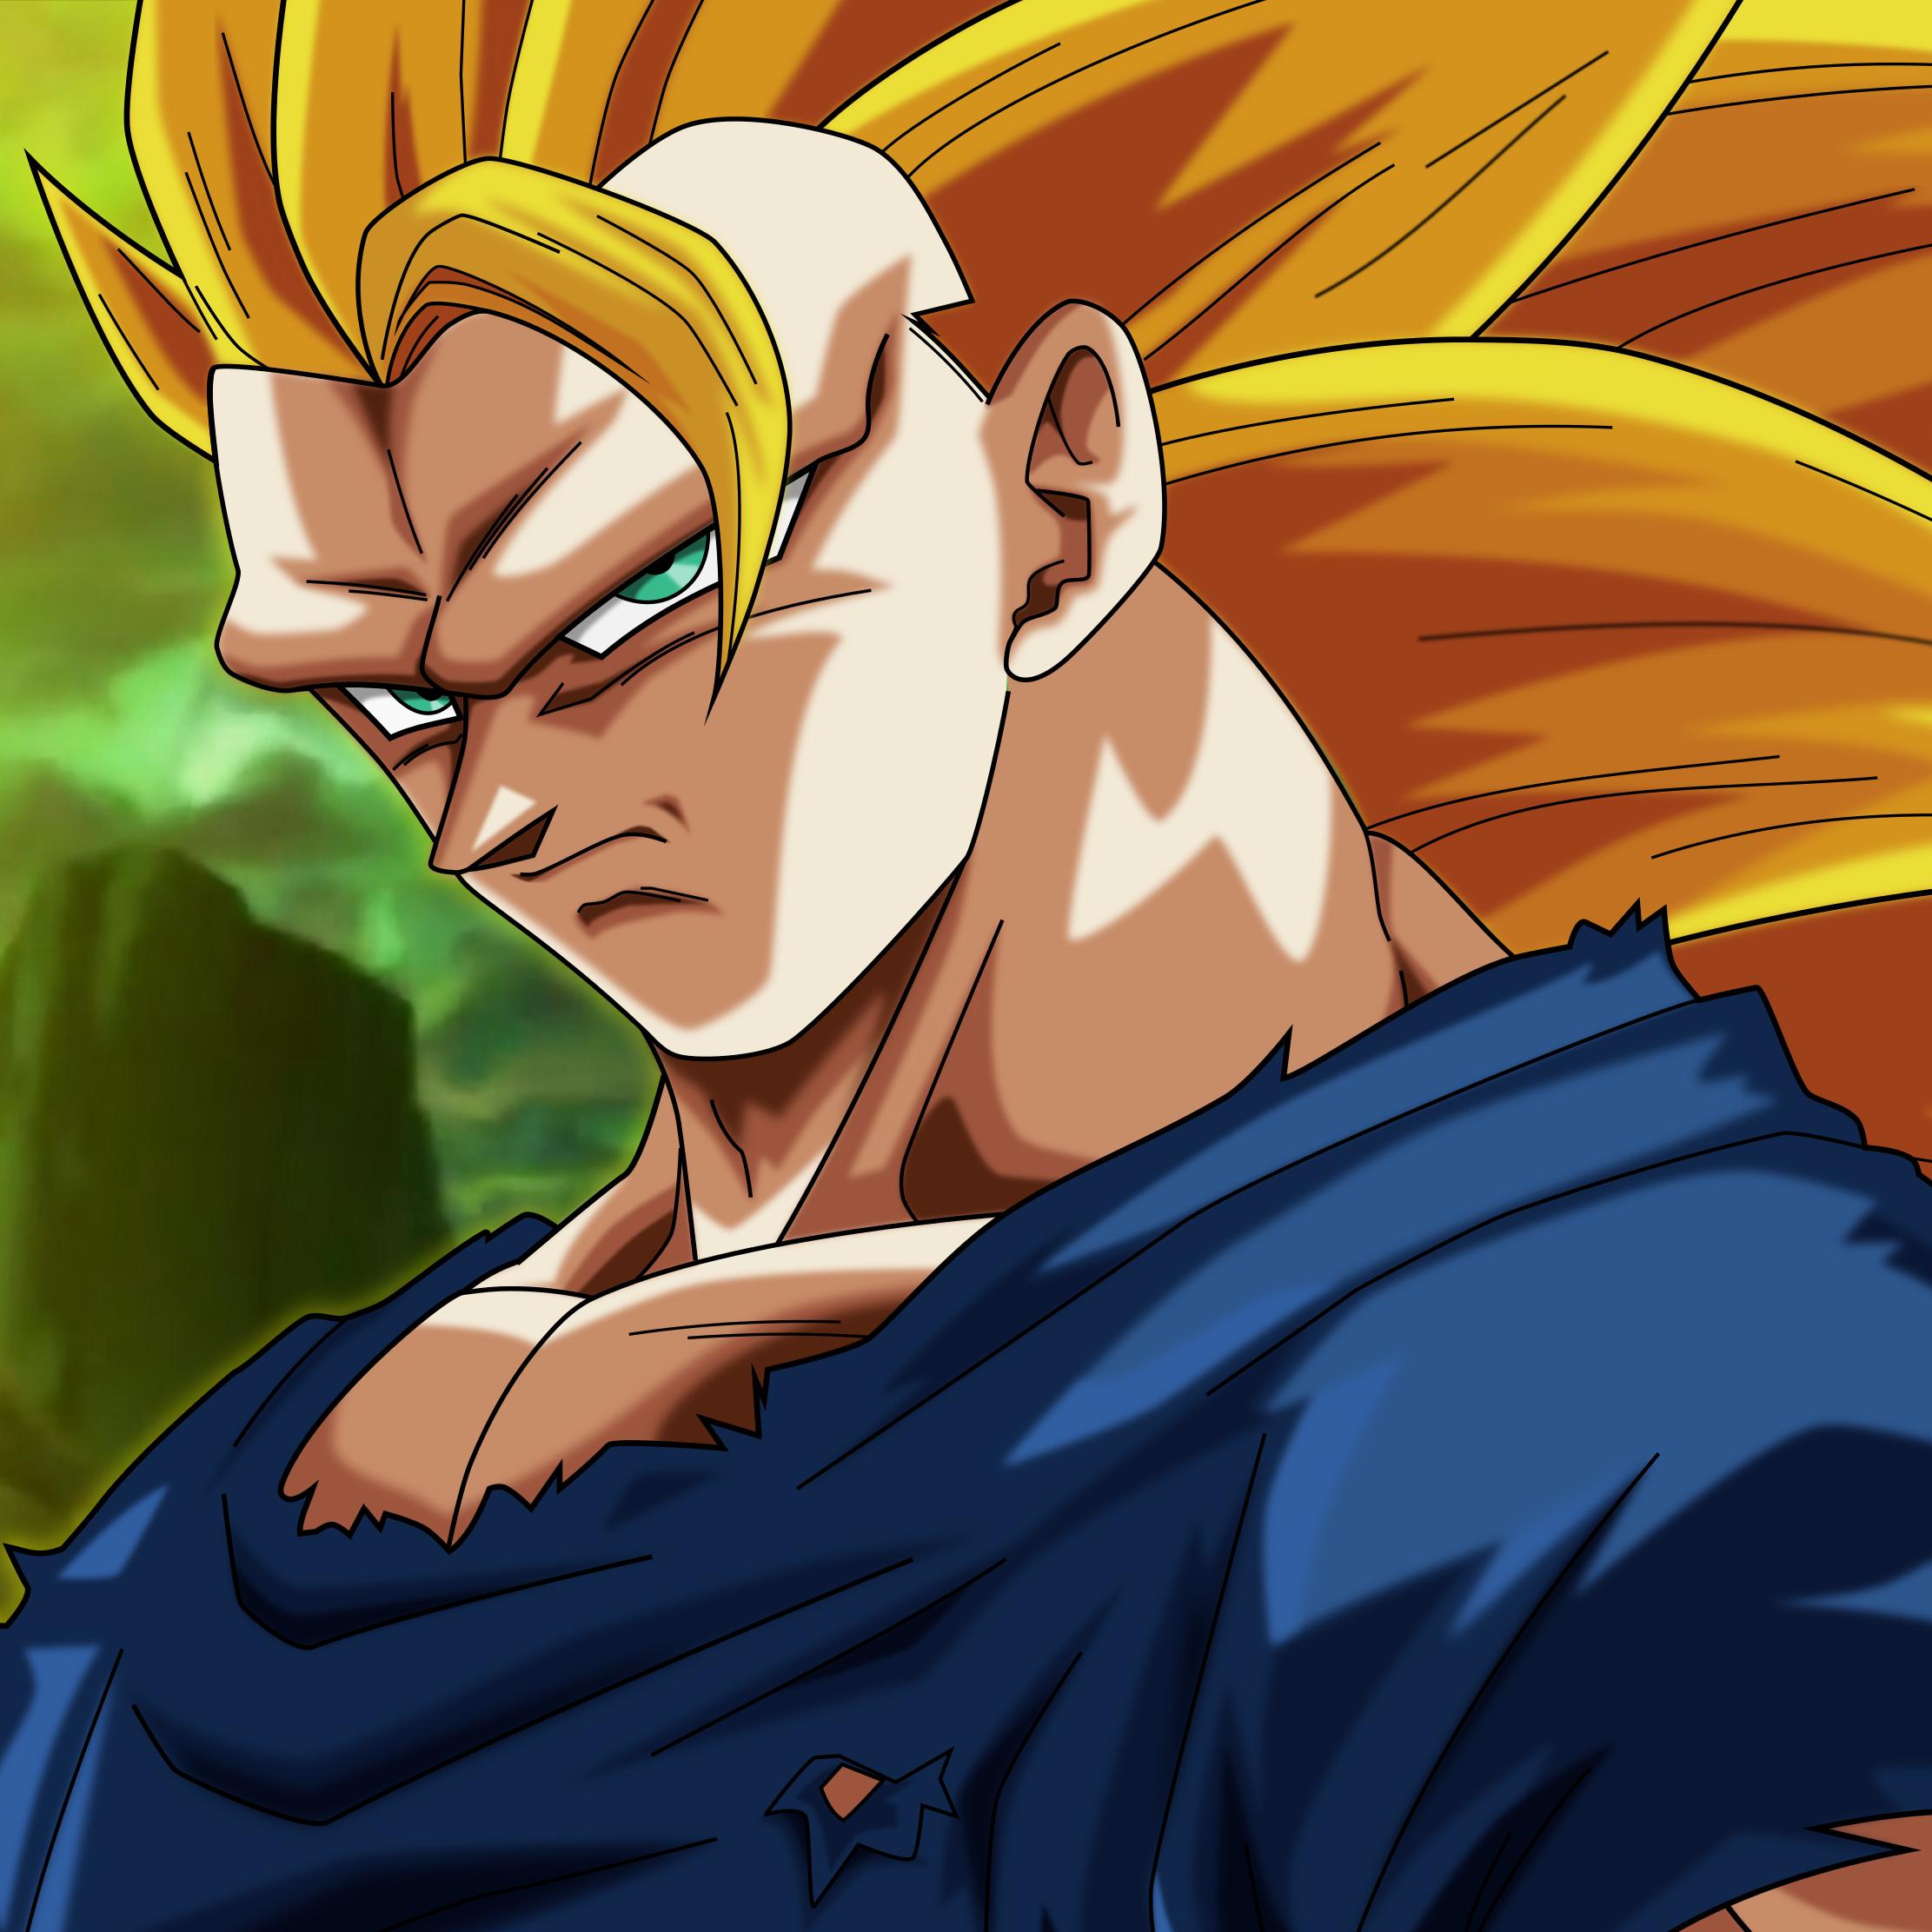 Avatar Super Saiyan 3